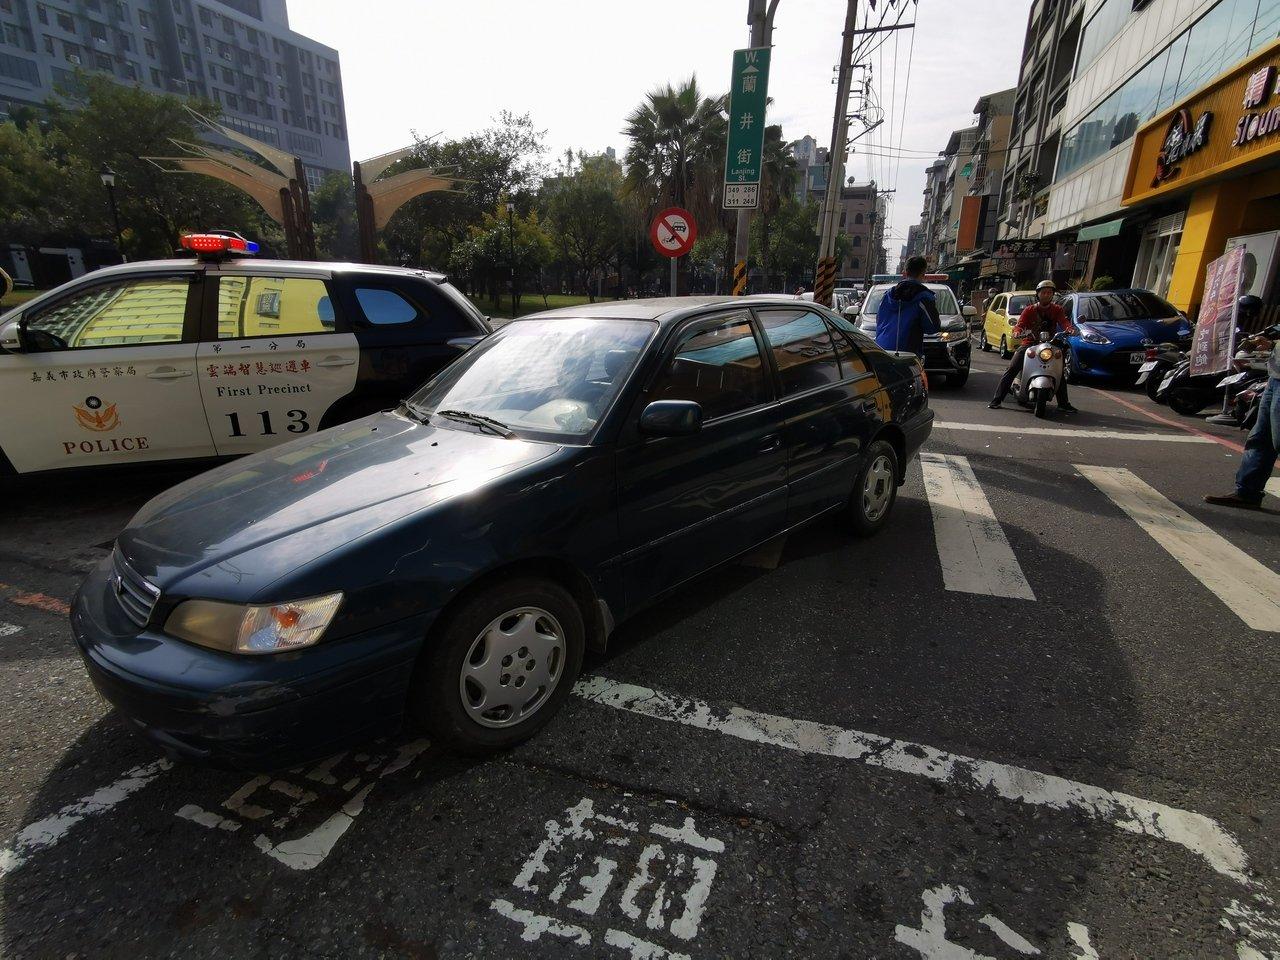 台湾街头通缉犯驾车冲撞警车逃逸 警方开6枪